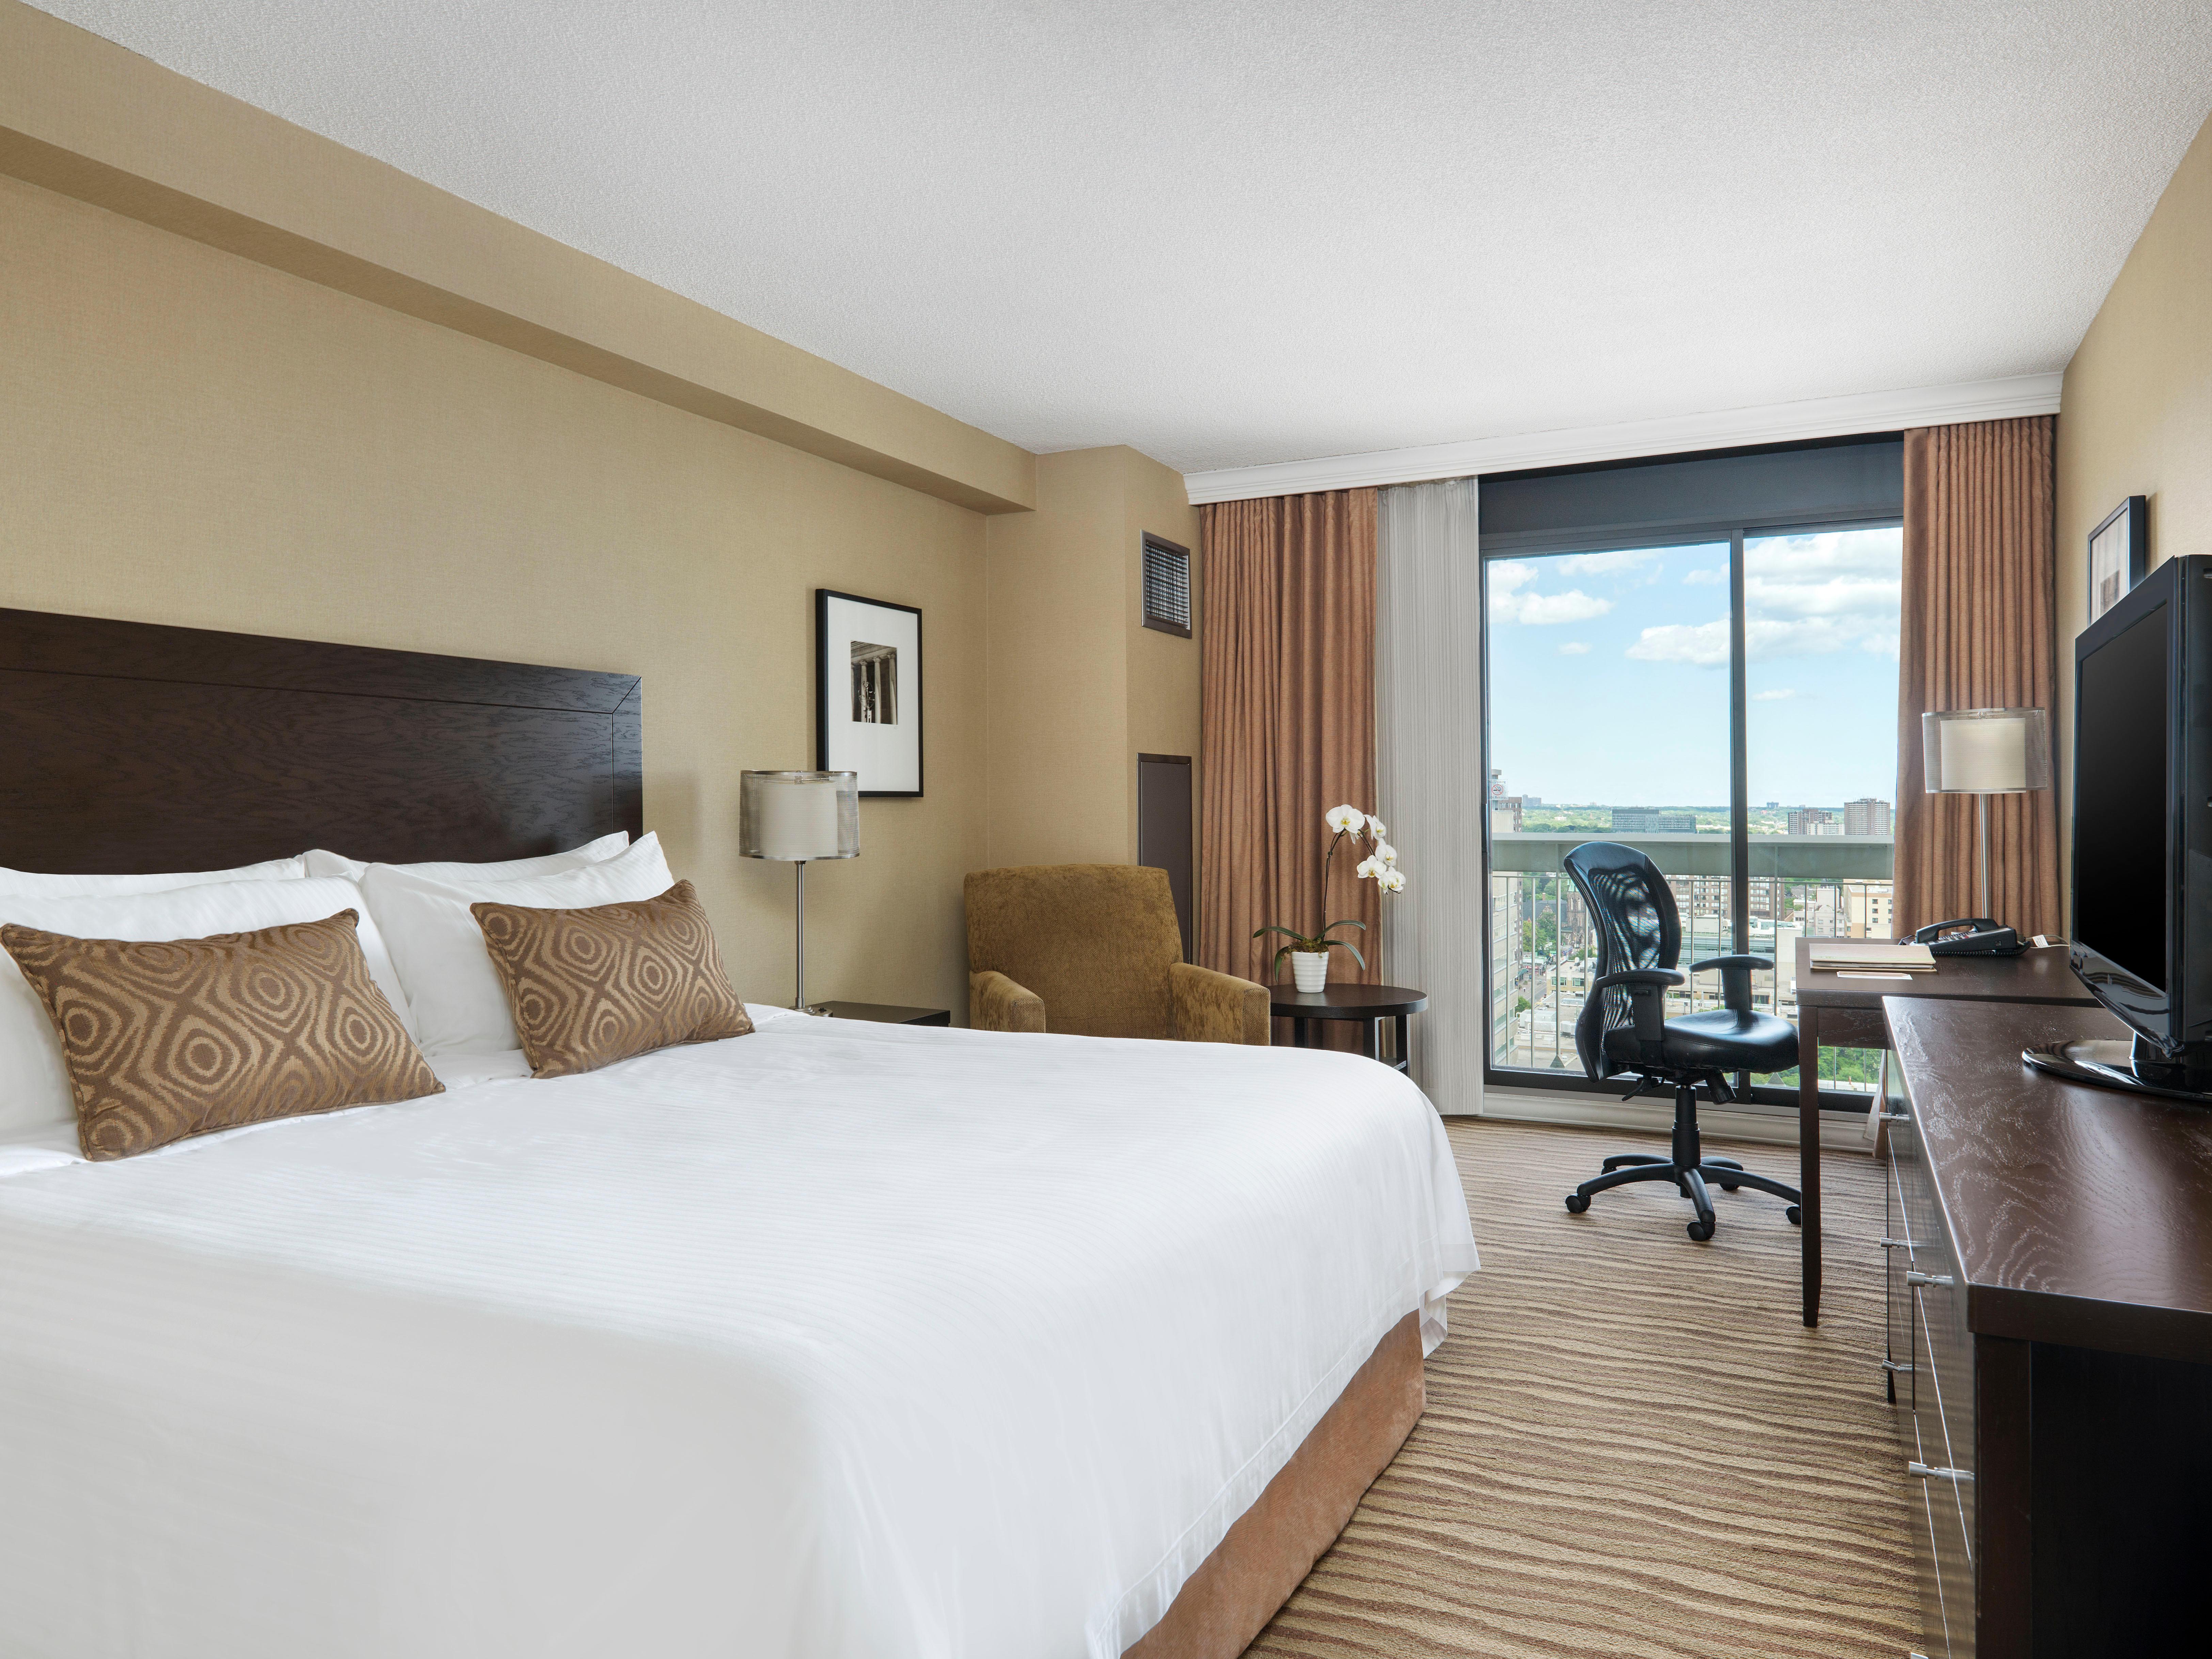 CHELSEA HOTEL, TORONTO in Toronto: Deluxe King Room